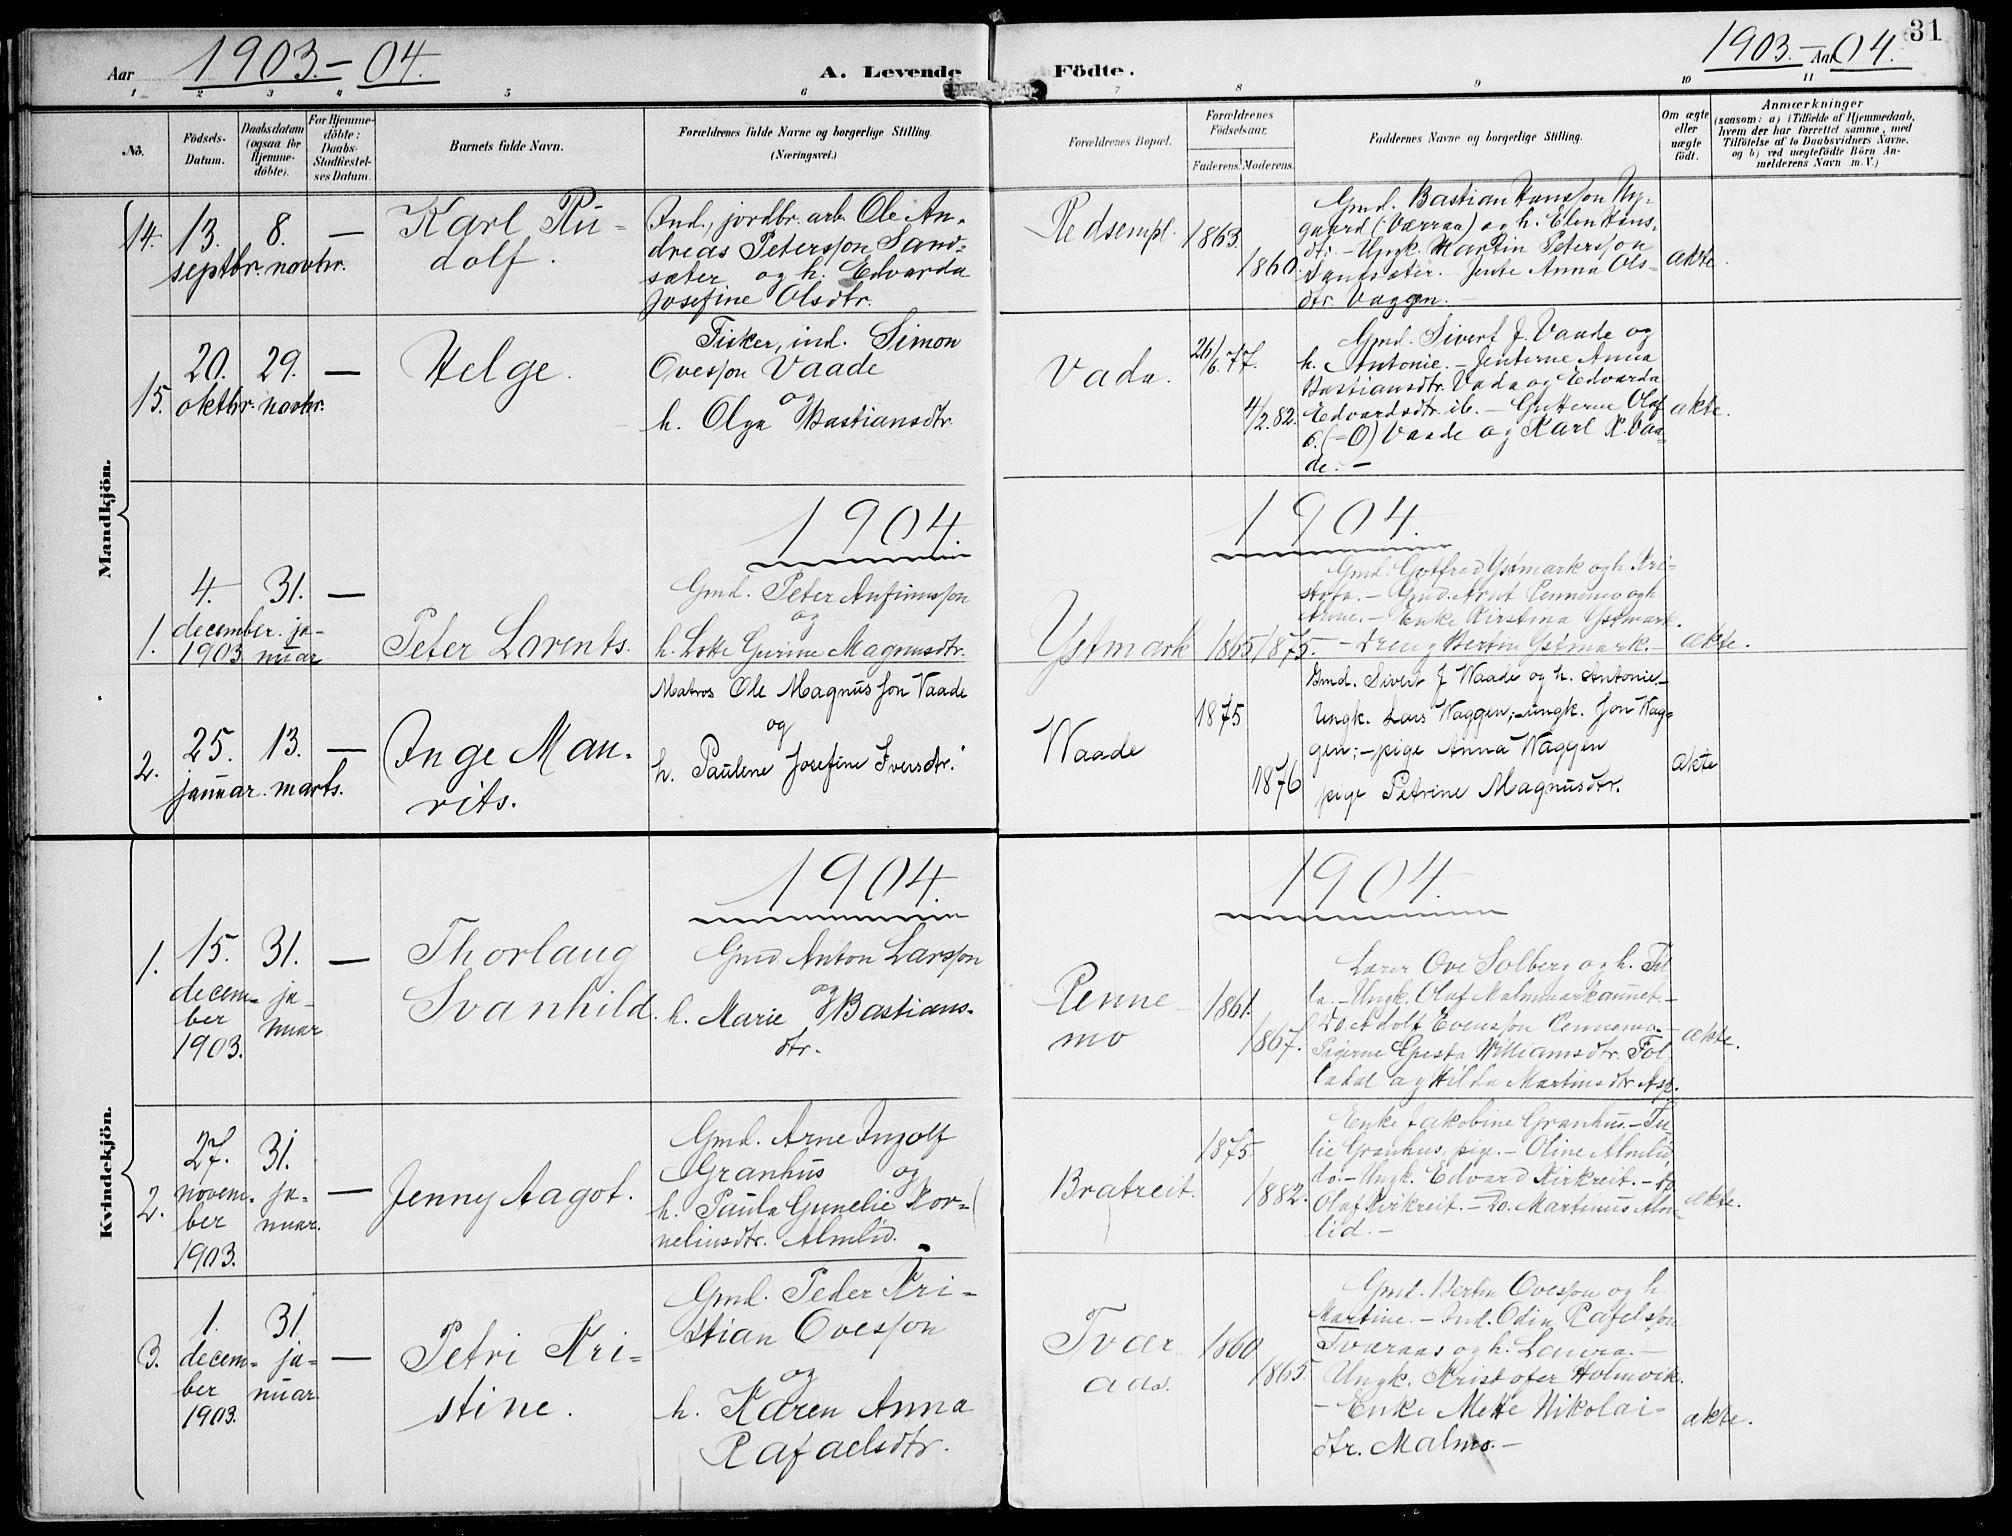 SAT, Ministerialprotokoller, klokkerbøker og fødselsregistre - Nord-Trøndelag, 745/L0430: Ministerialbok nr. 745A02, 1895-1913, s. 31